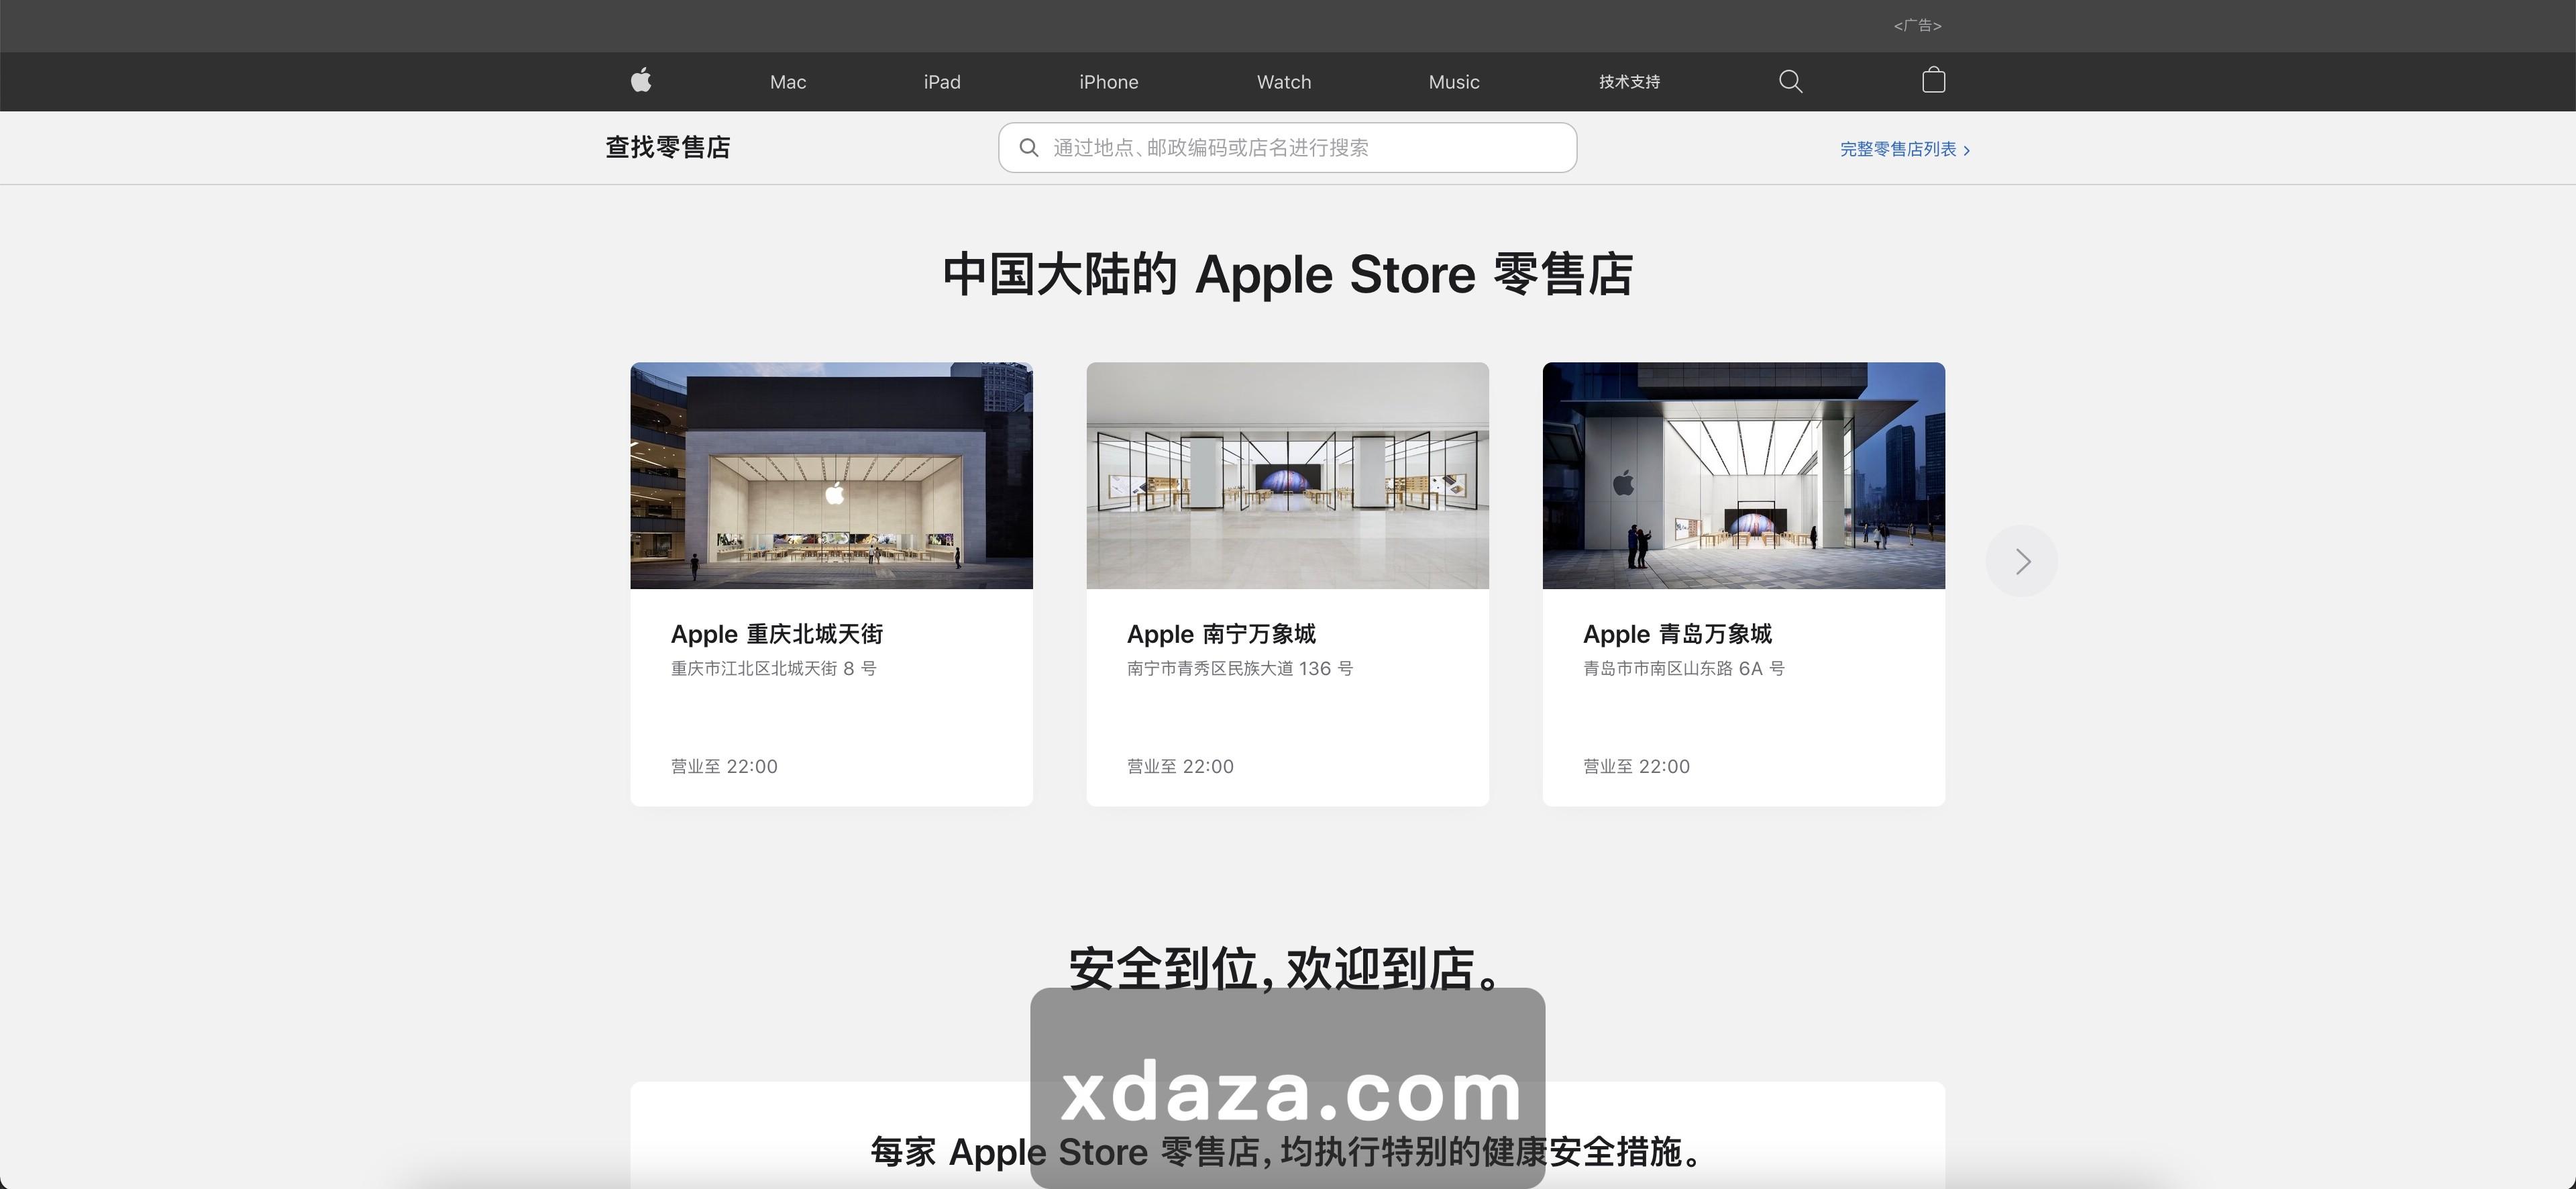 超贴心!苹果在国内推出线下取货服务